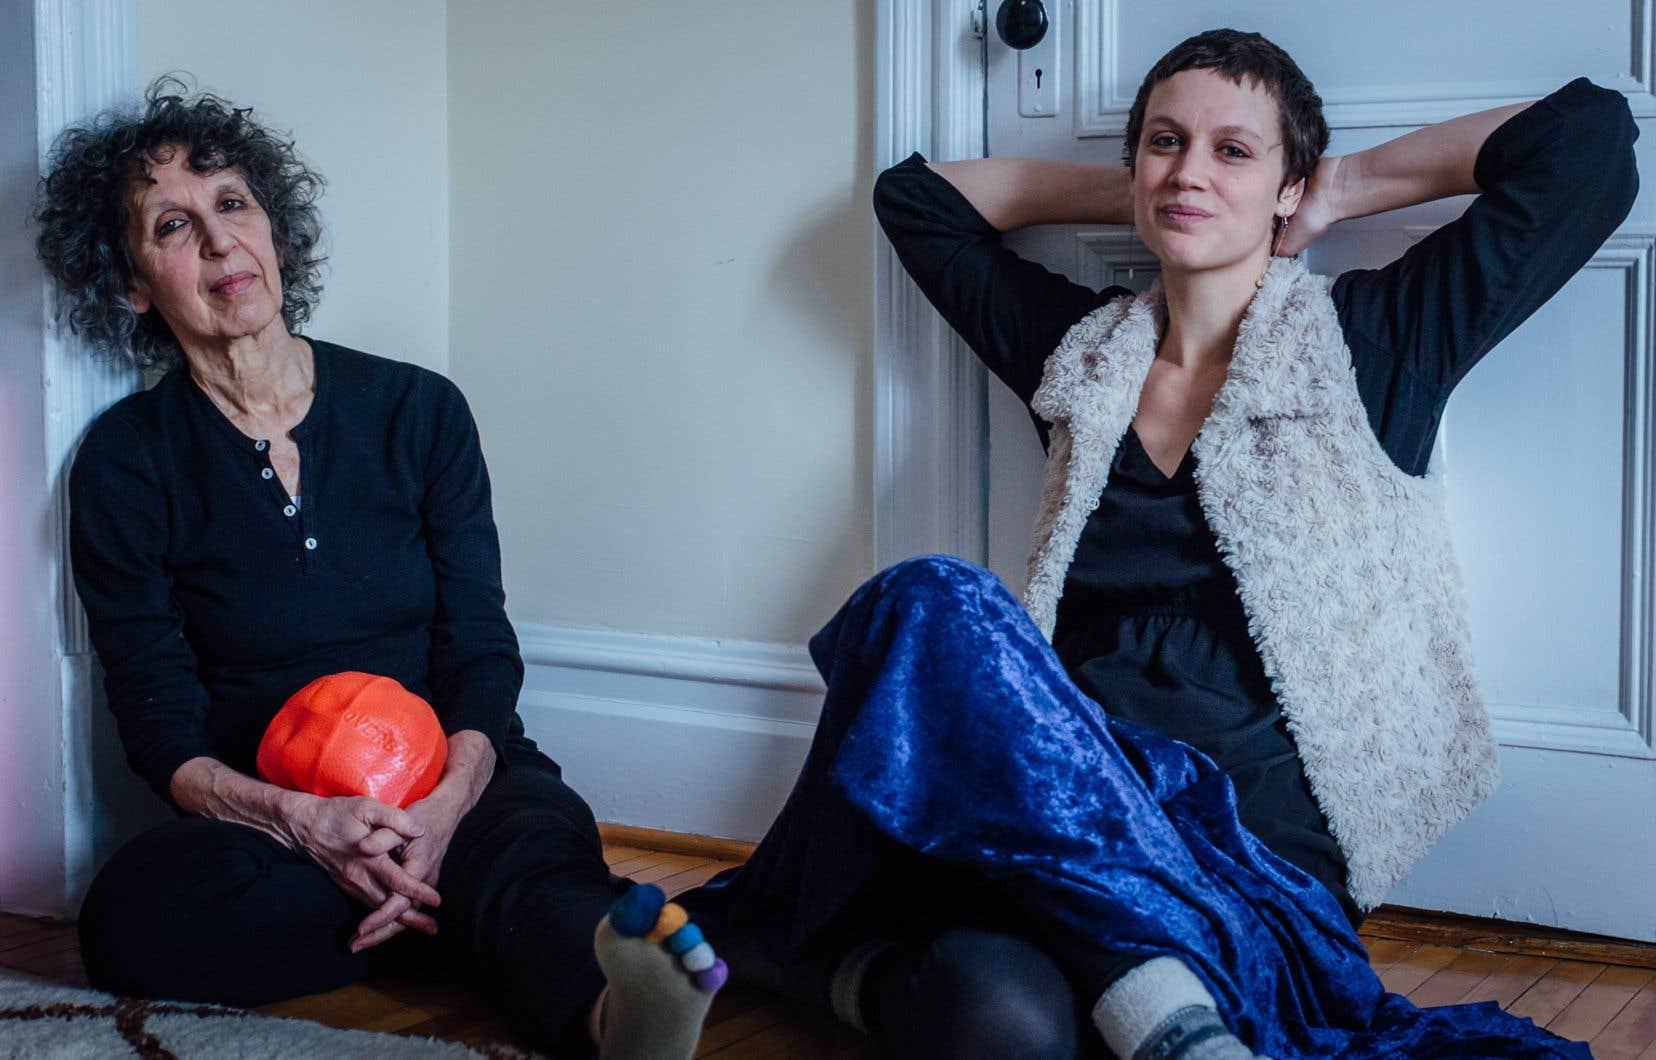 Une quête d'essence relie les pratiques des deux femmes, Linda Rabin (à droite) et Sarah Dell'Ava, dont les ateliers respectifs sont suivis avec une assiduité porteuse de bénéfices.